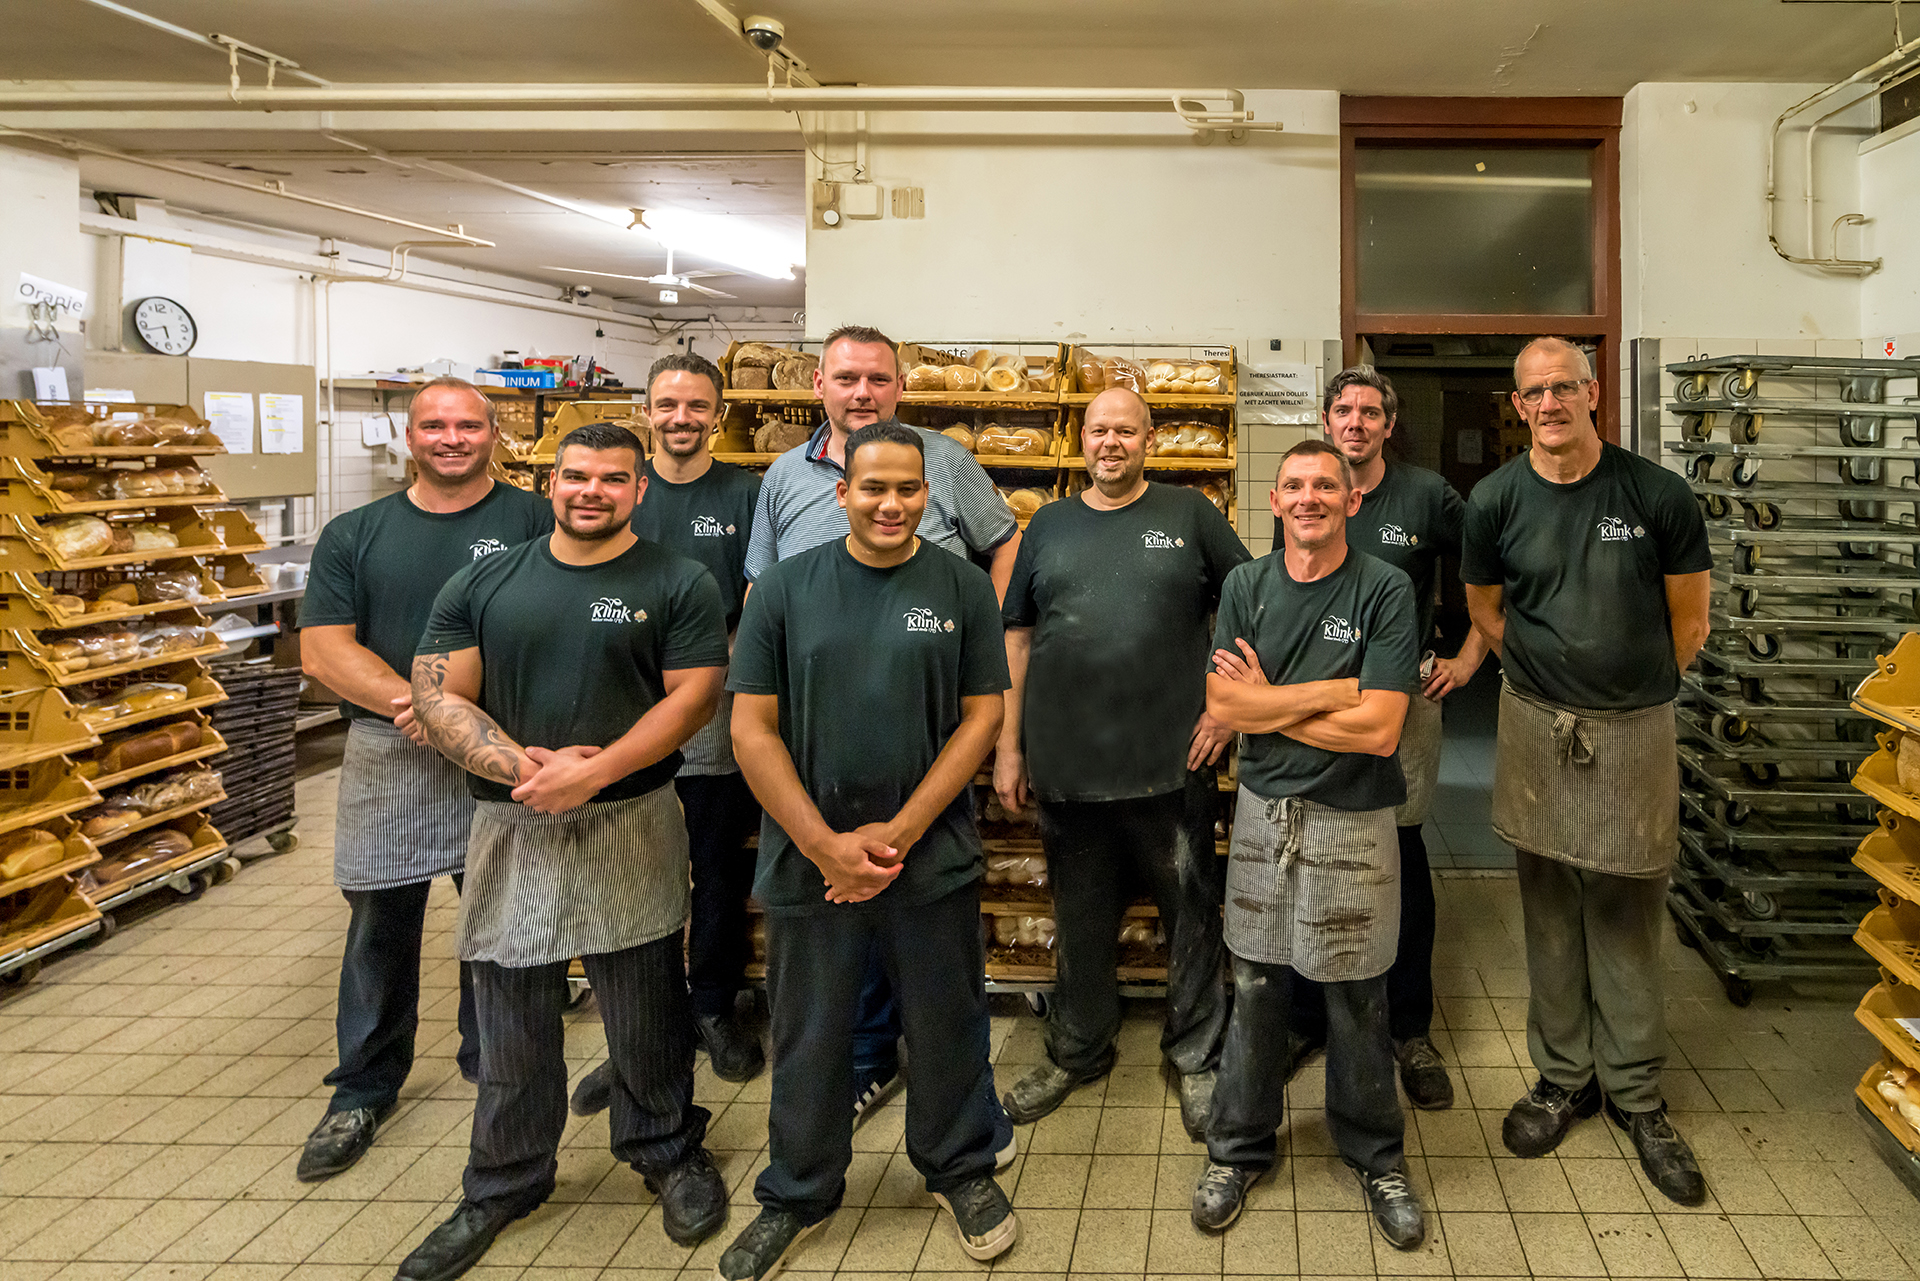 Ons team van brood- en banketbakkers in onze bakkerij aan de Herenstraat in Voorburg.